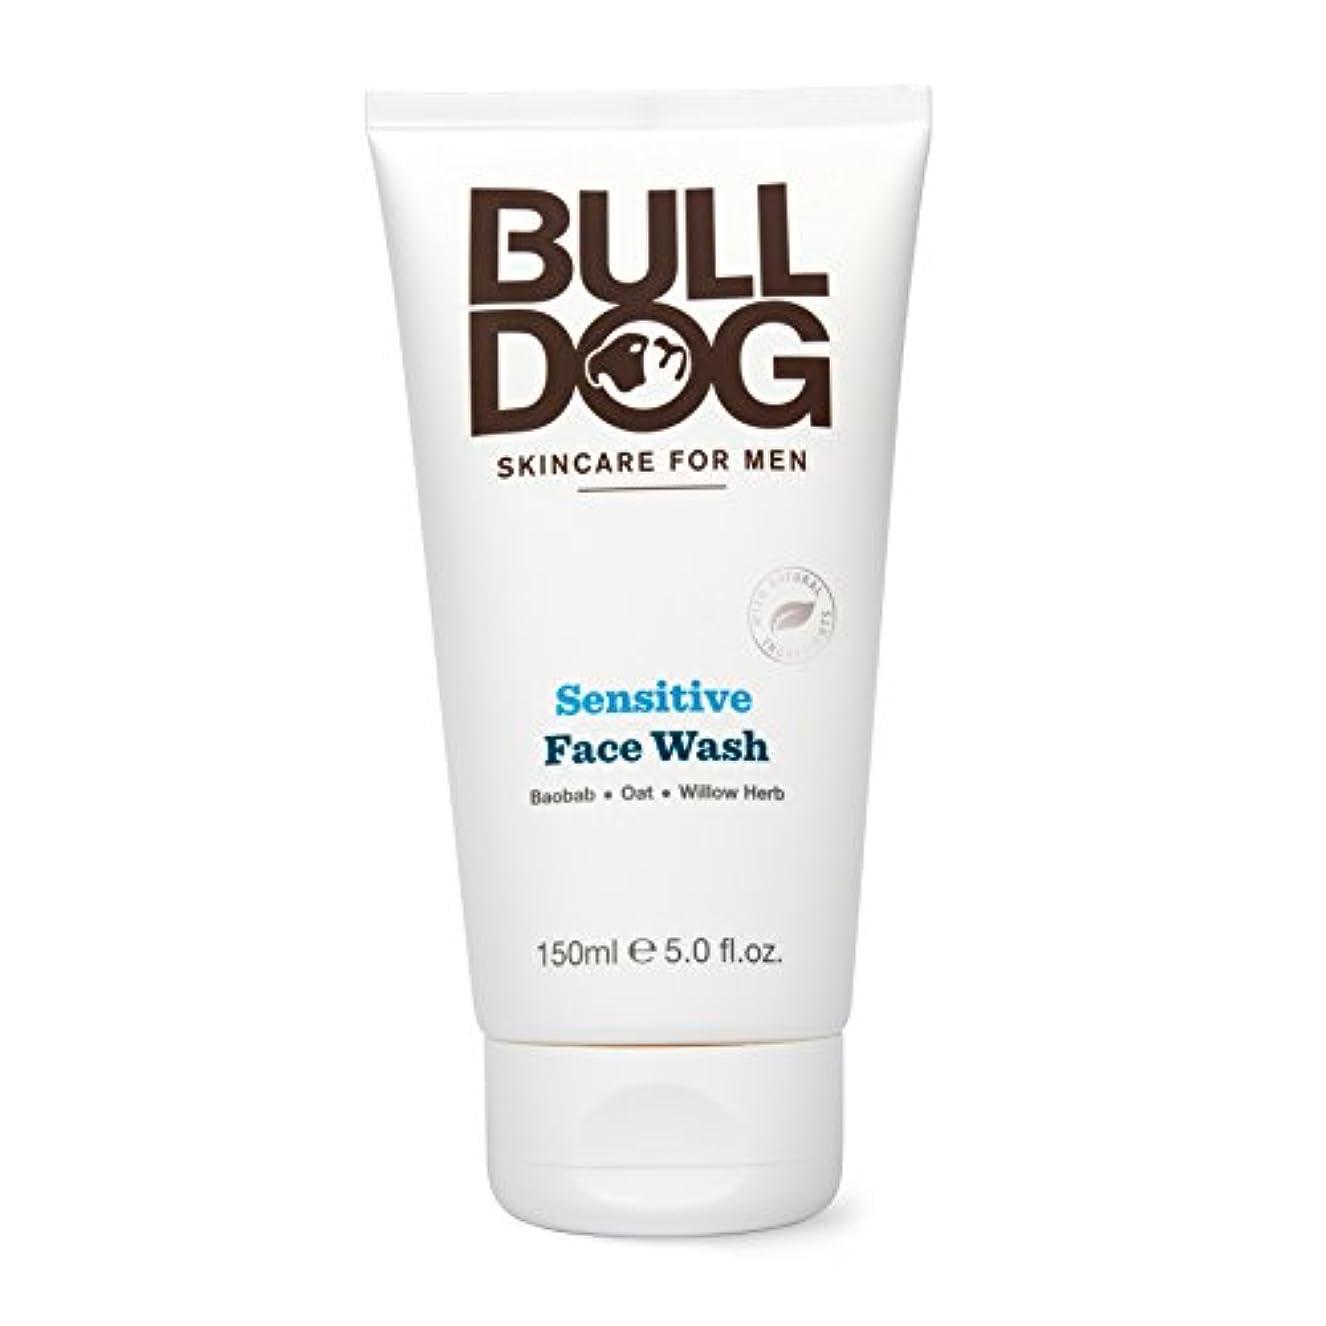 ハンカチ飢饉サイレンブルドッグ Bulldog センシティブ フェイスウォッシュ(洗顔料) 150mL